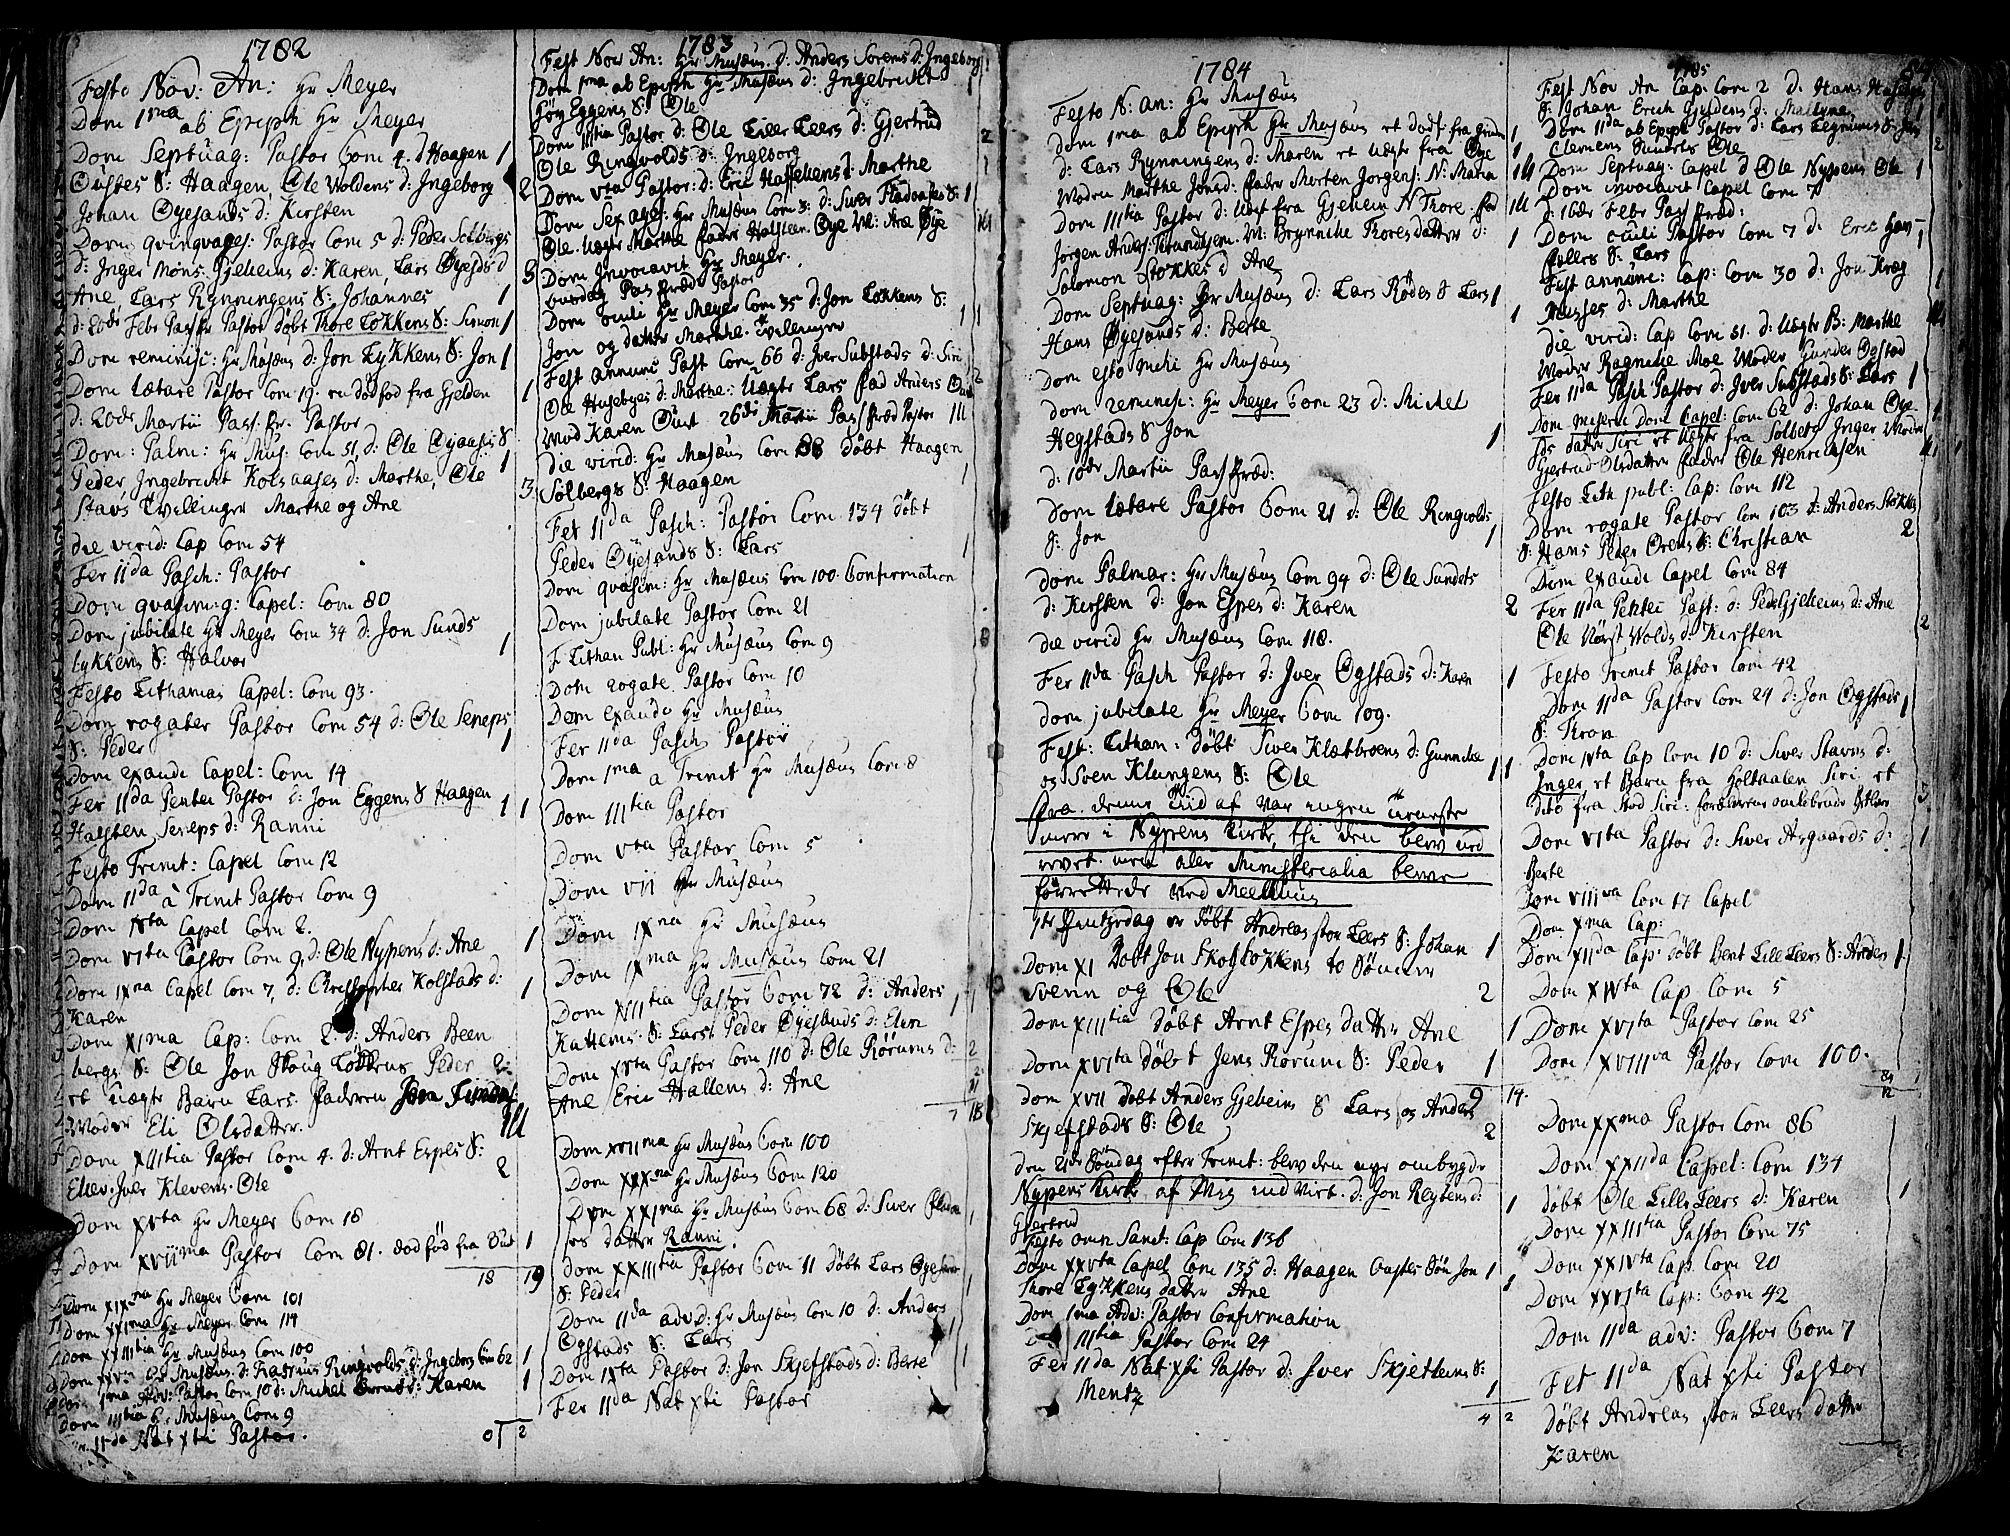 SAT, Ministerialprotokoller, klokkerbøker og fødselsregistre - Sør-Trøndelag, 691/L1063: Ministerialbok nr. 691A02 /3, 1768-1815, s. 84